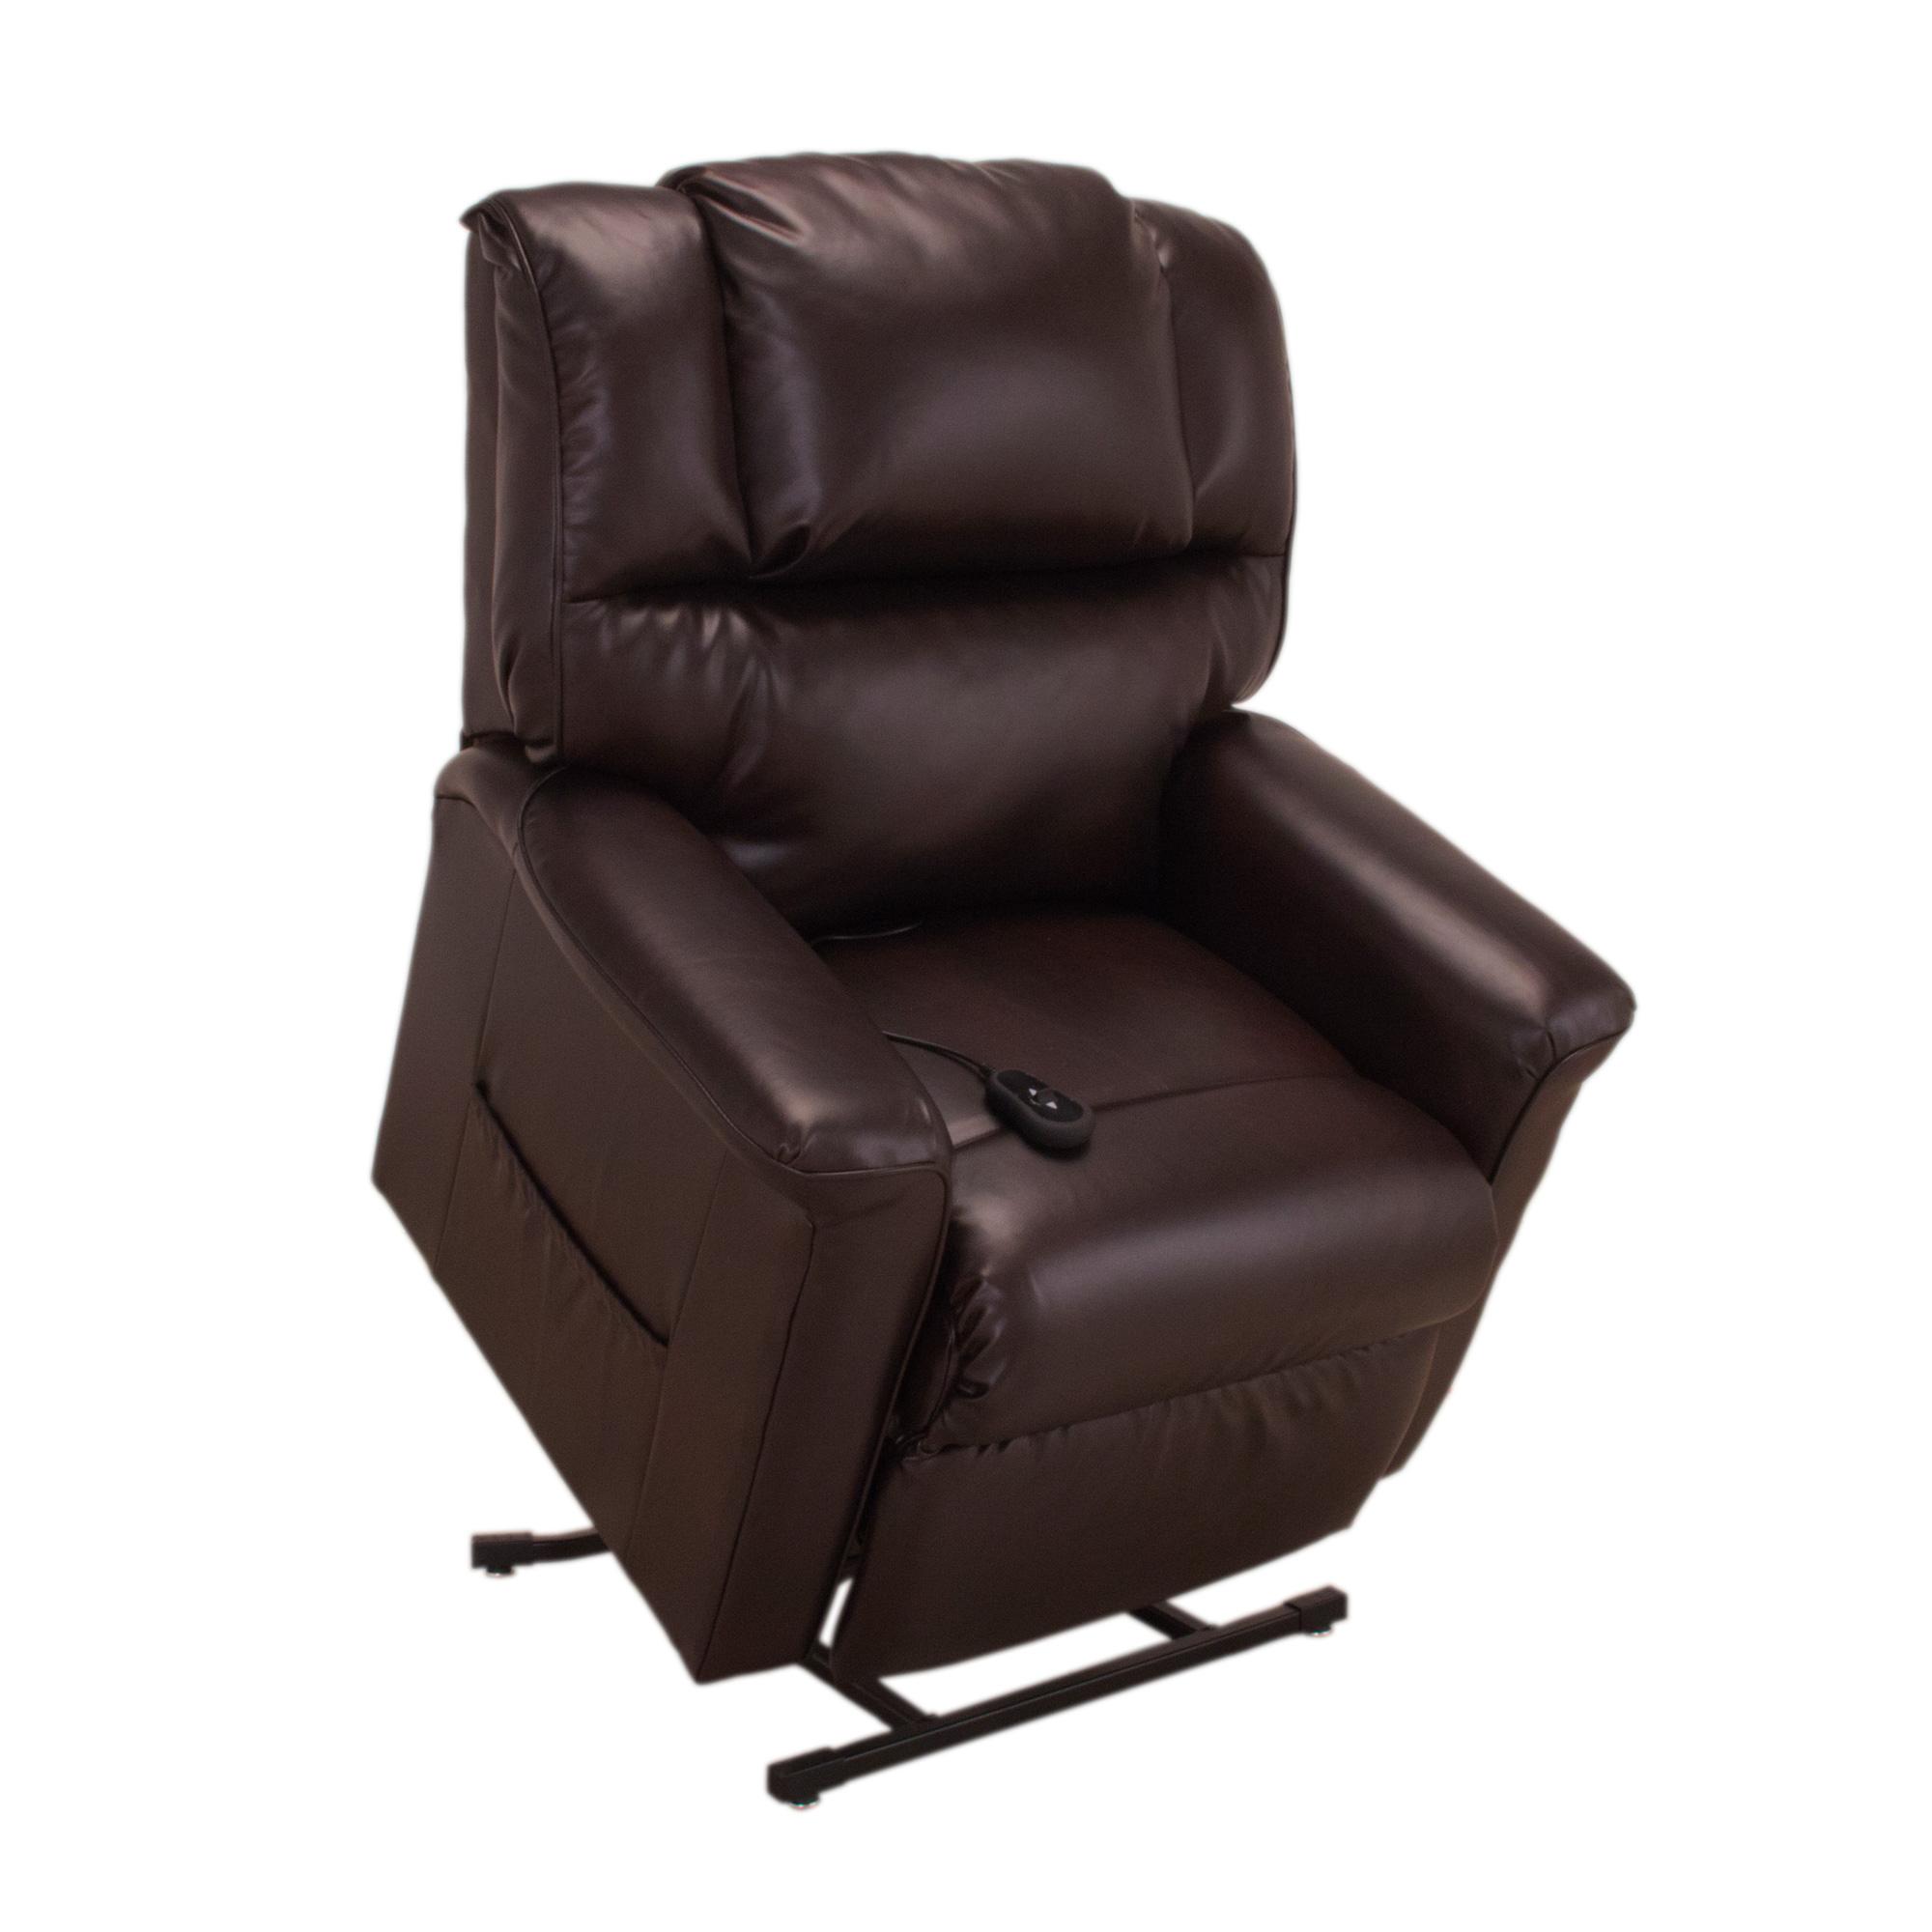 Franklin | Flint Chocolate Lift Chair Recliner